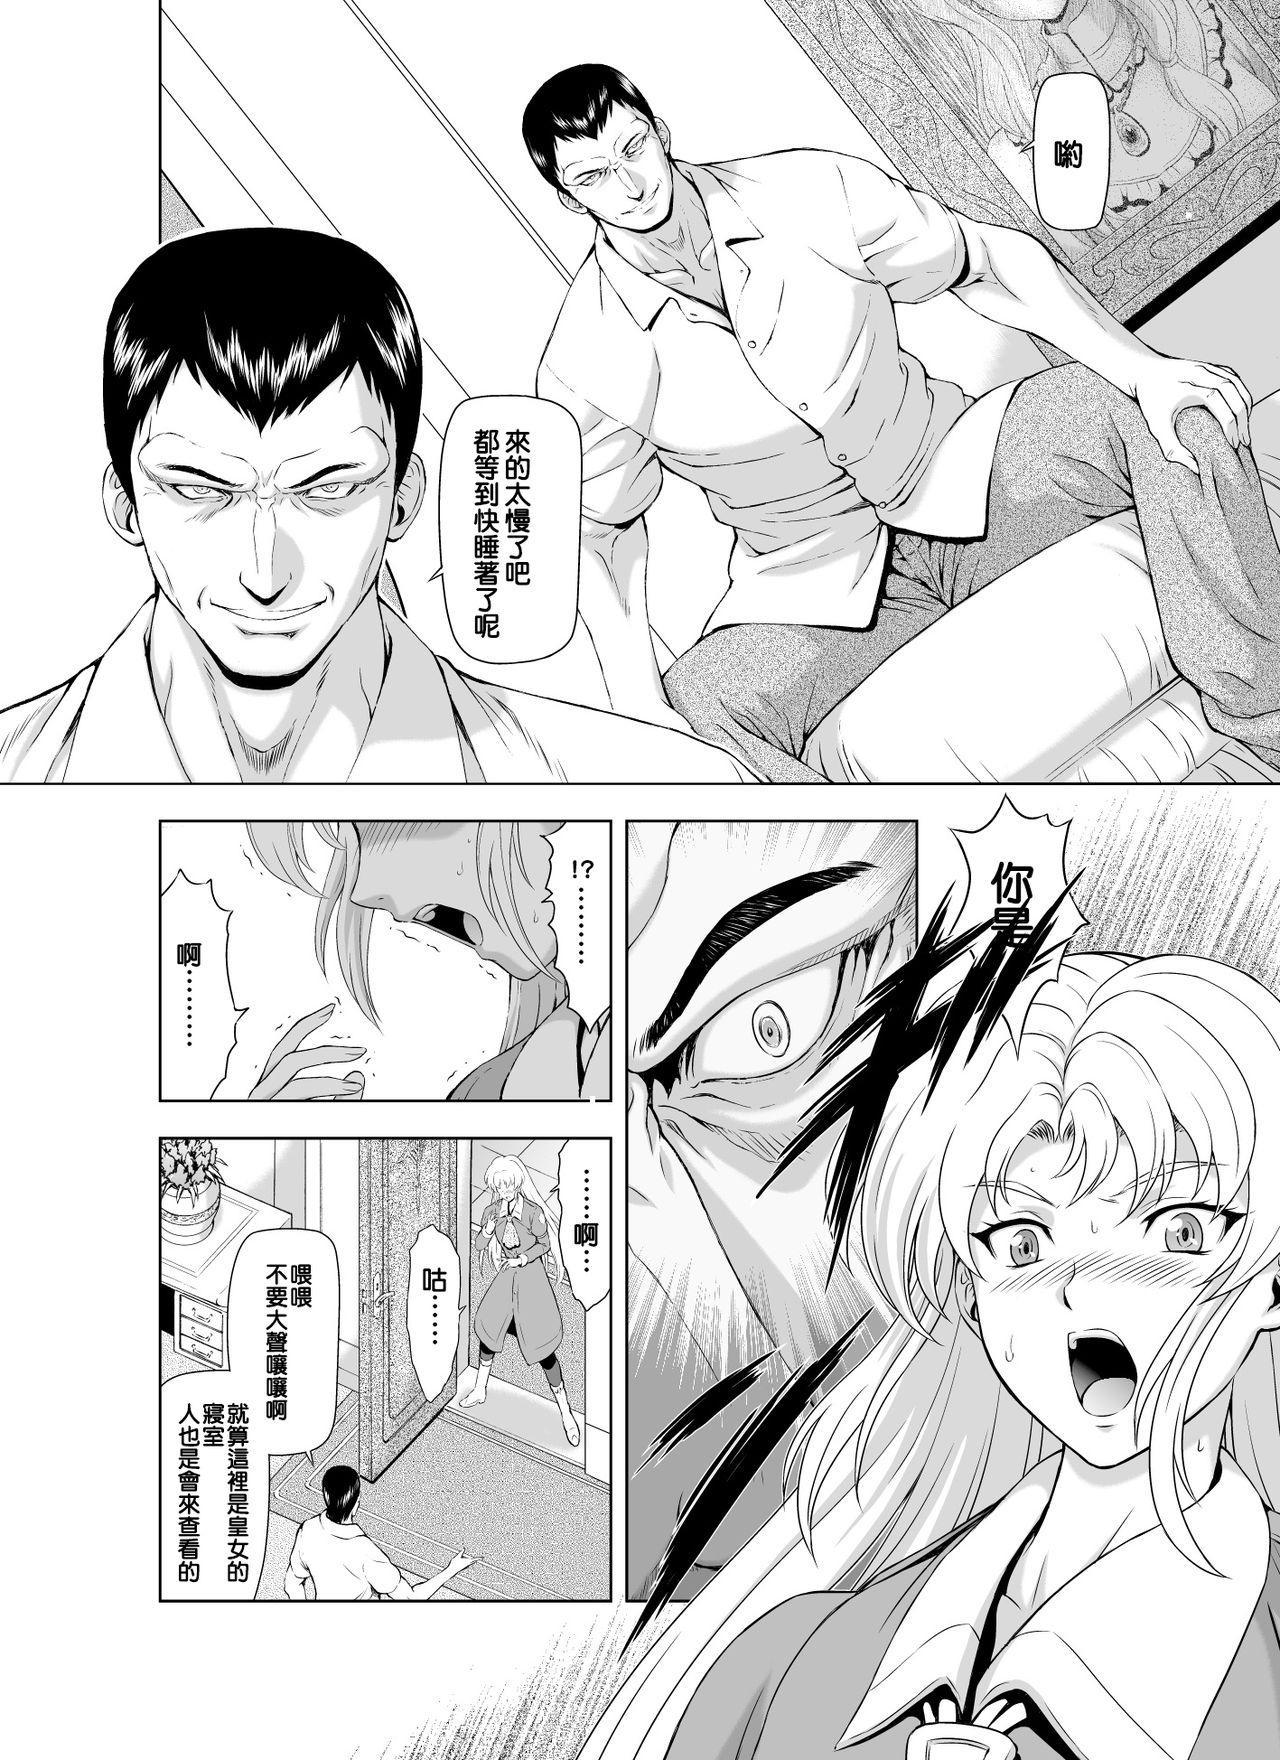 Reties no Michibiki Vol. 2 | 蕾蒂絲的引導 Vol. 2 12